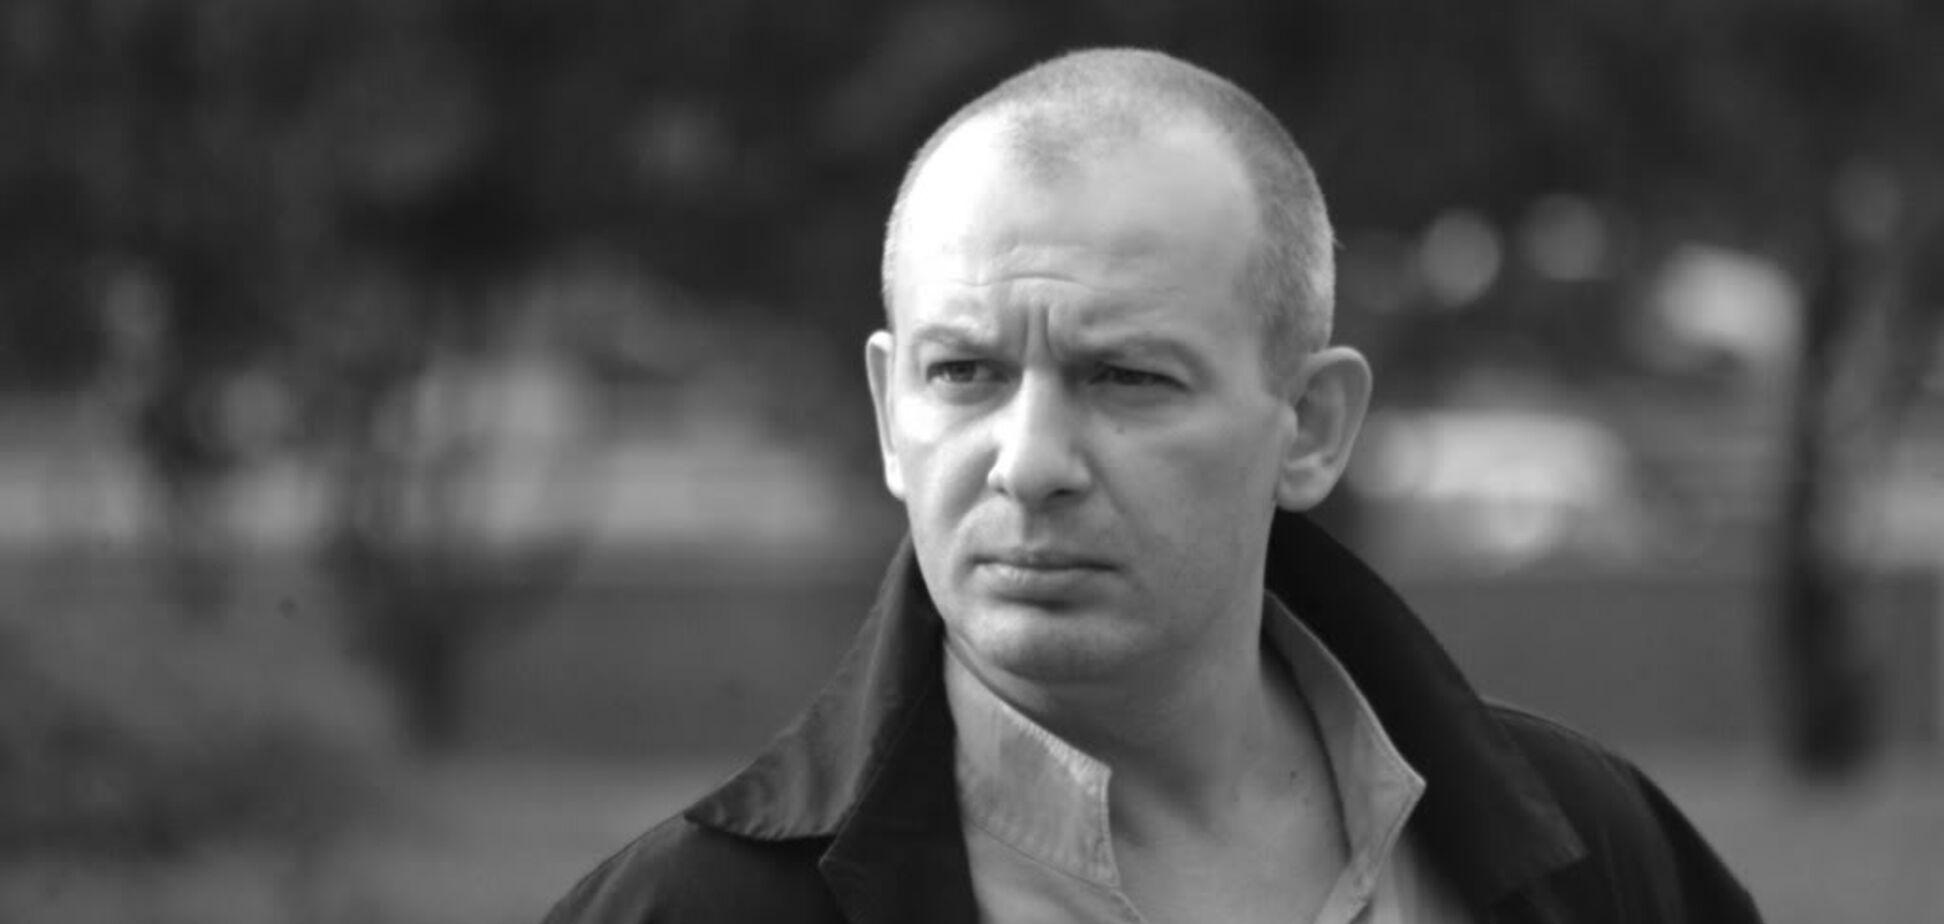 Смерть Марьянова: против медиков возбудили уголовное дело